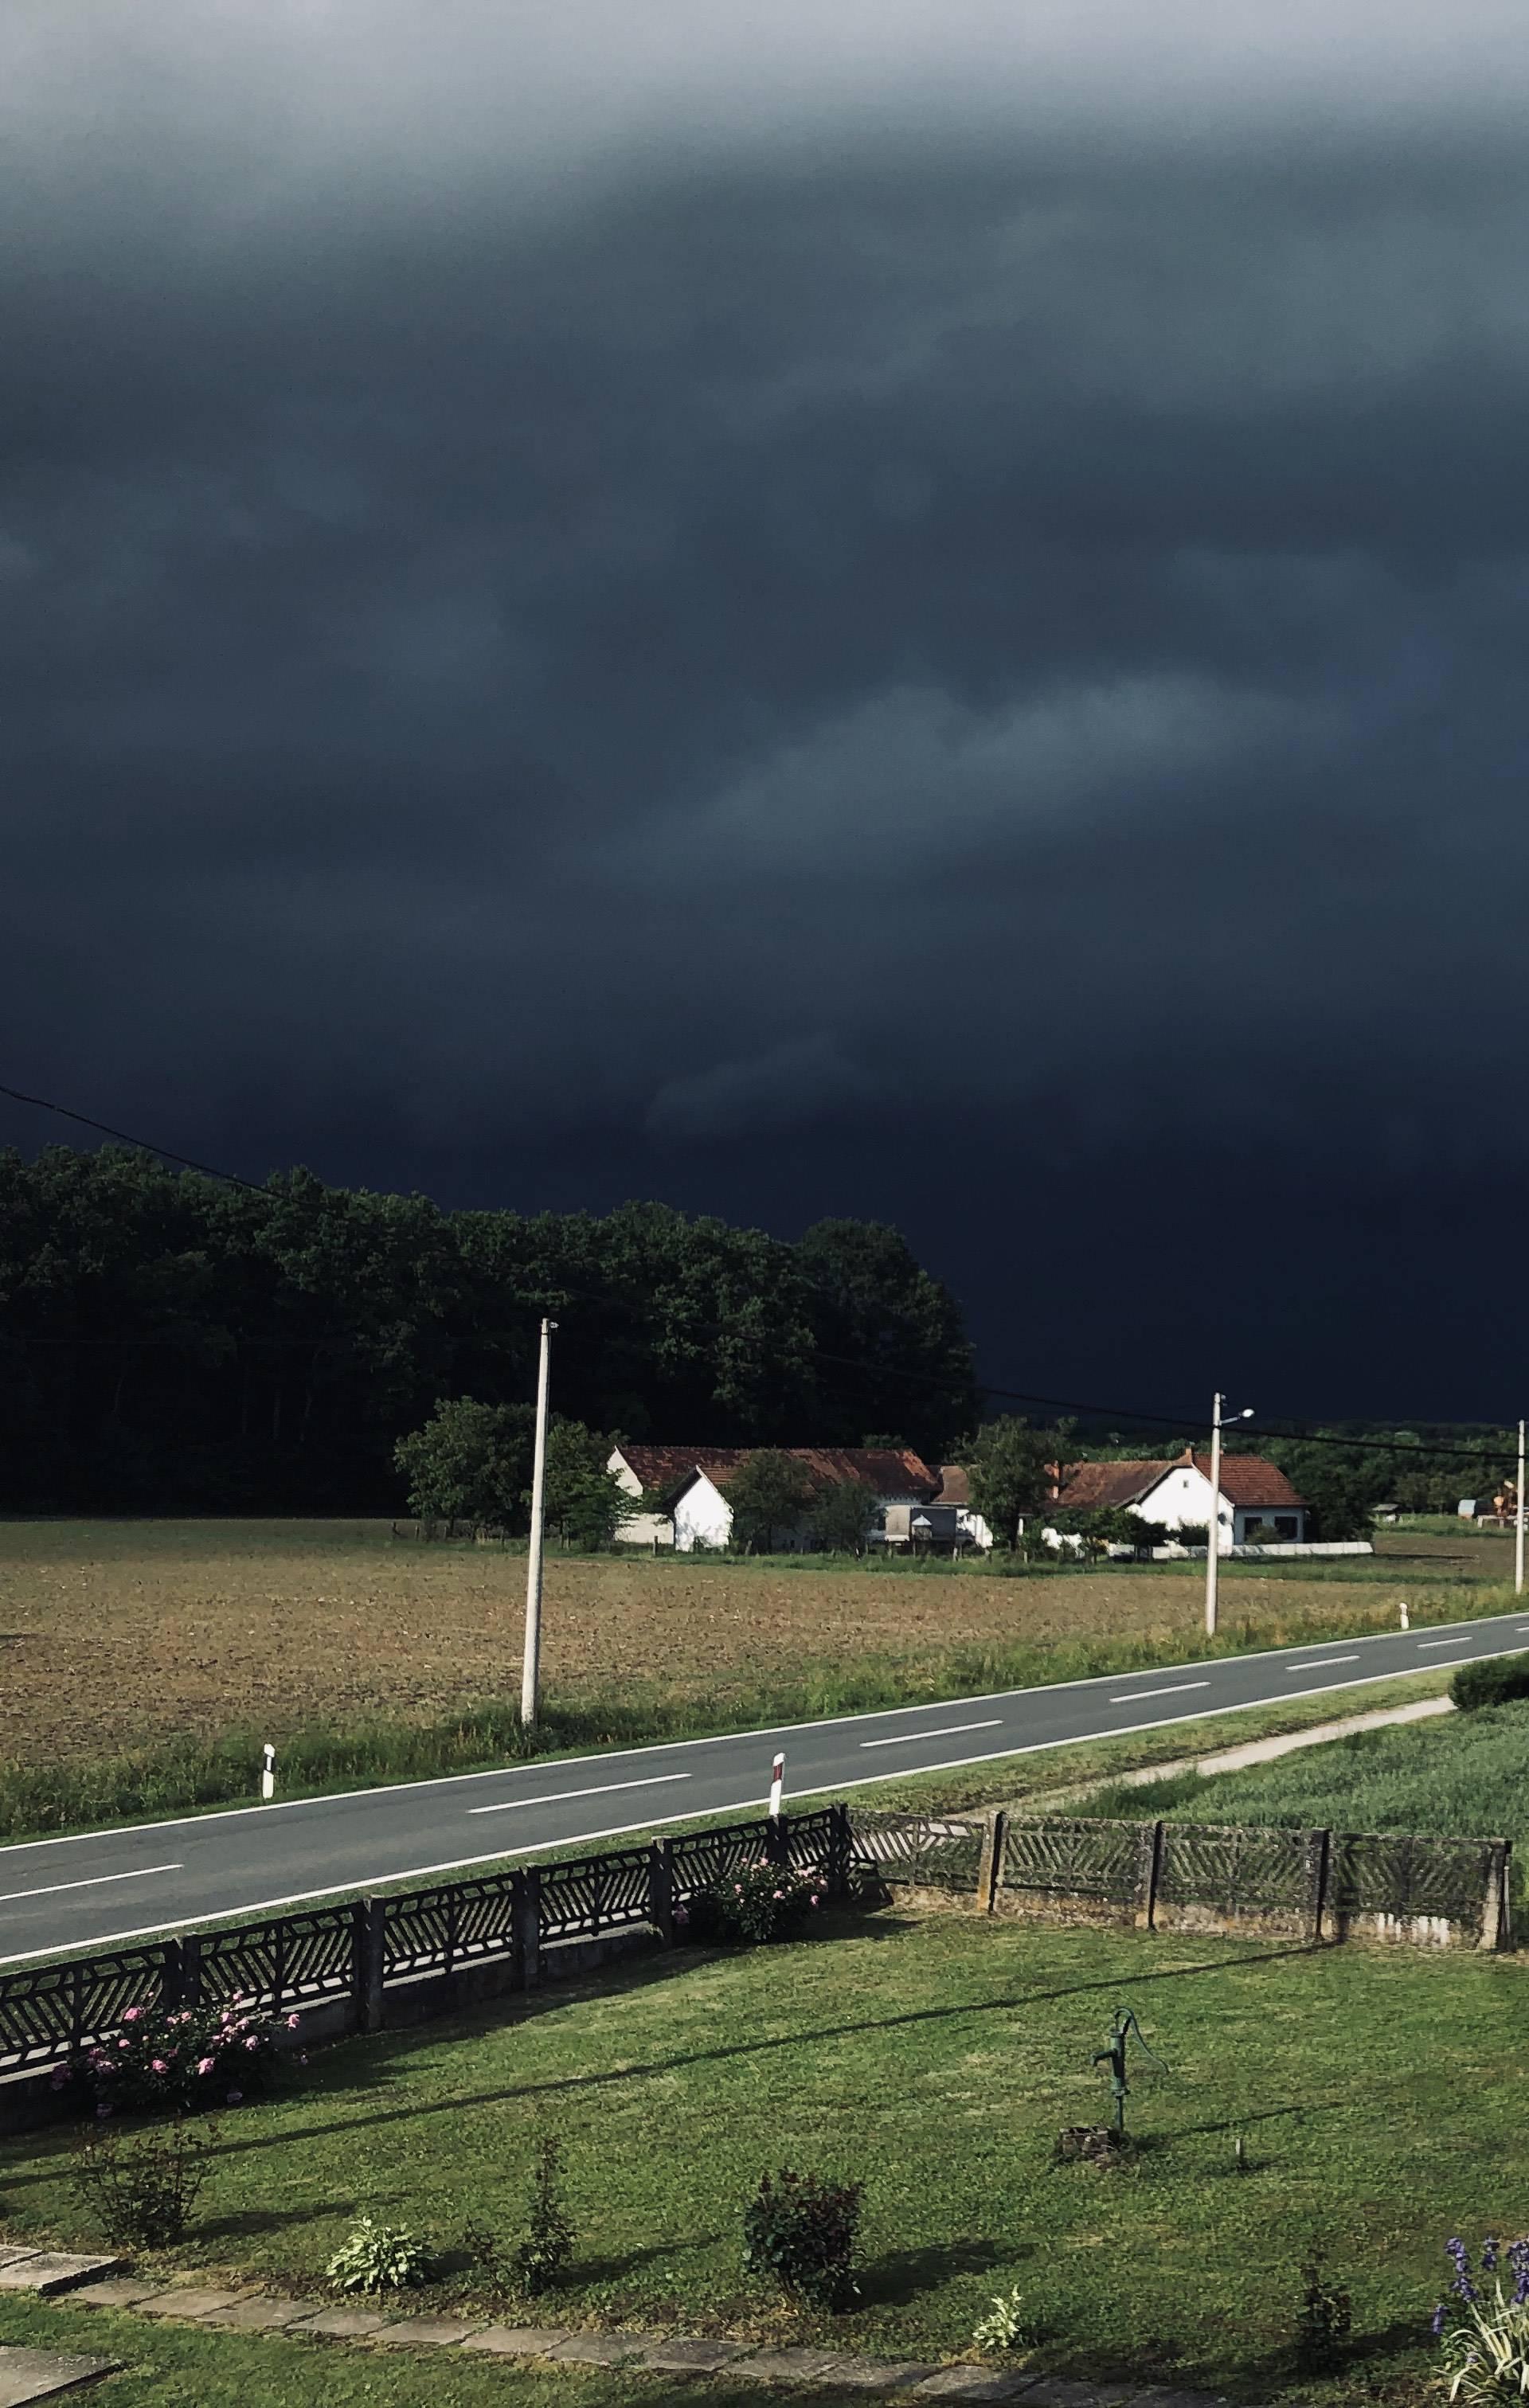 Olujno nevrijeme u Hrvatskoj: Kišu i tuču popratio jaki vjetar